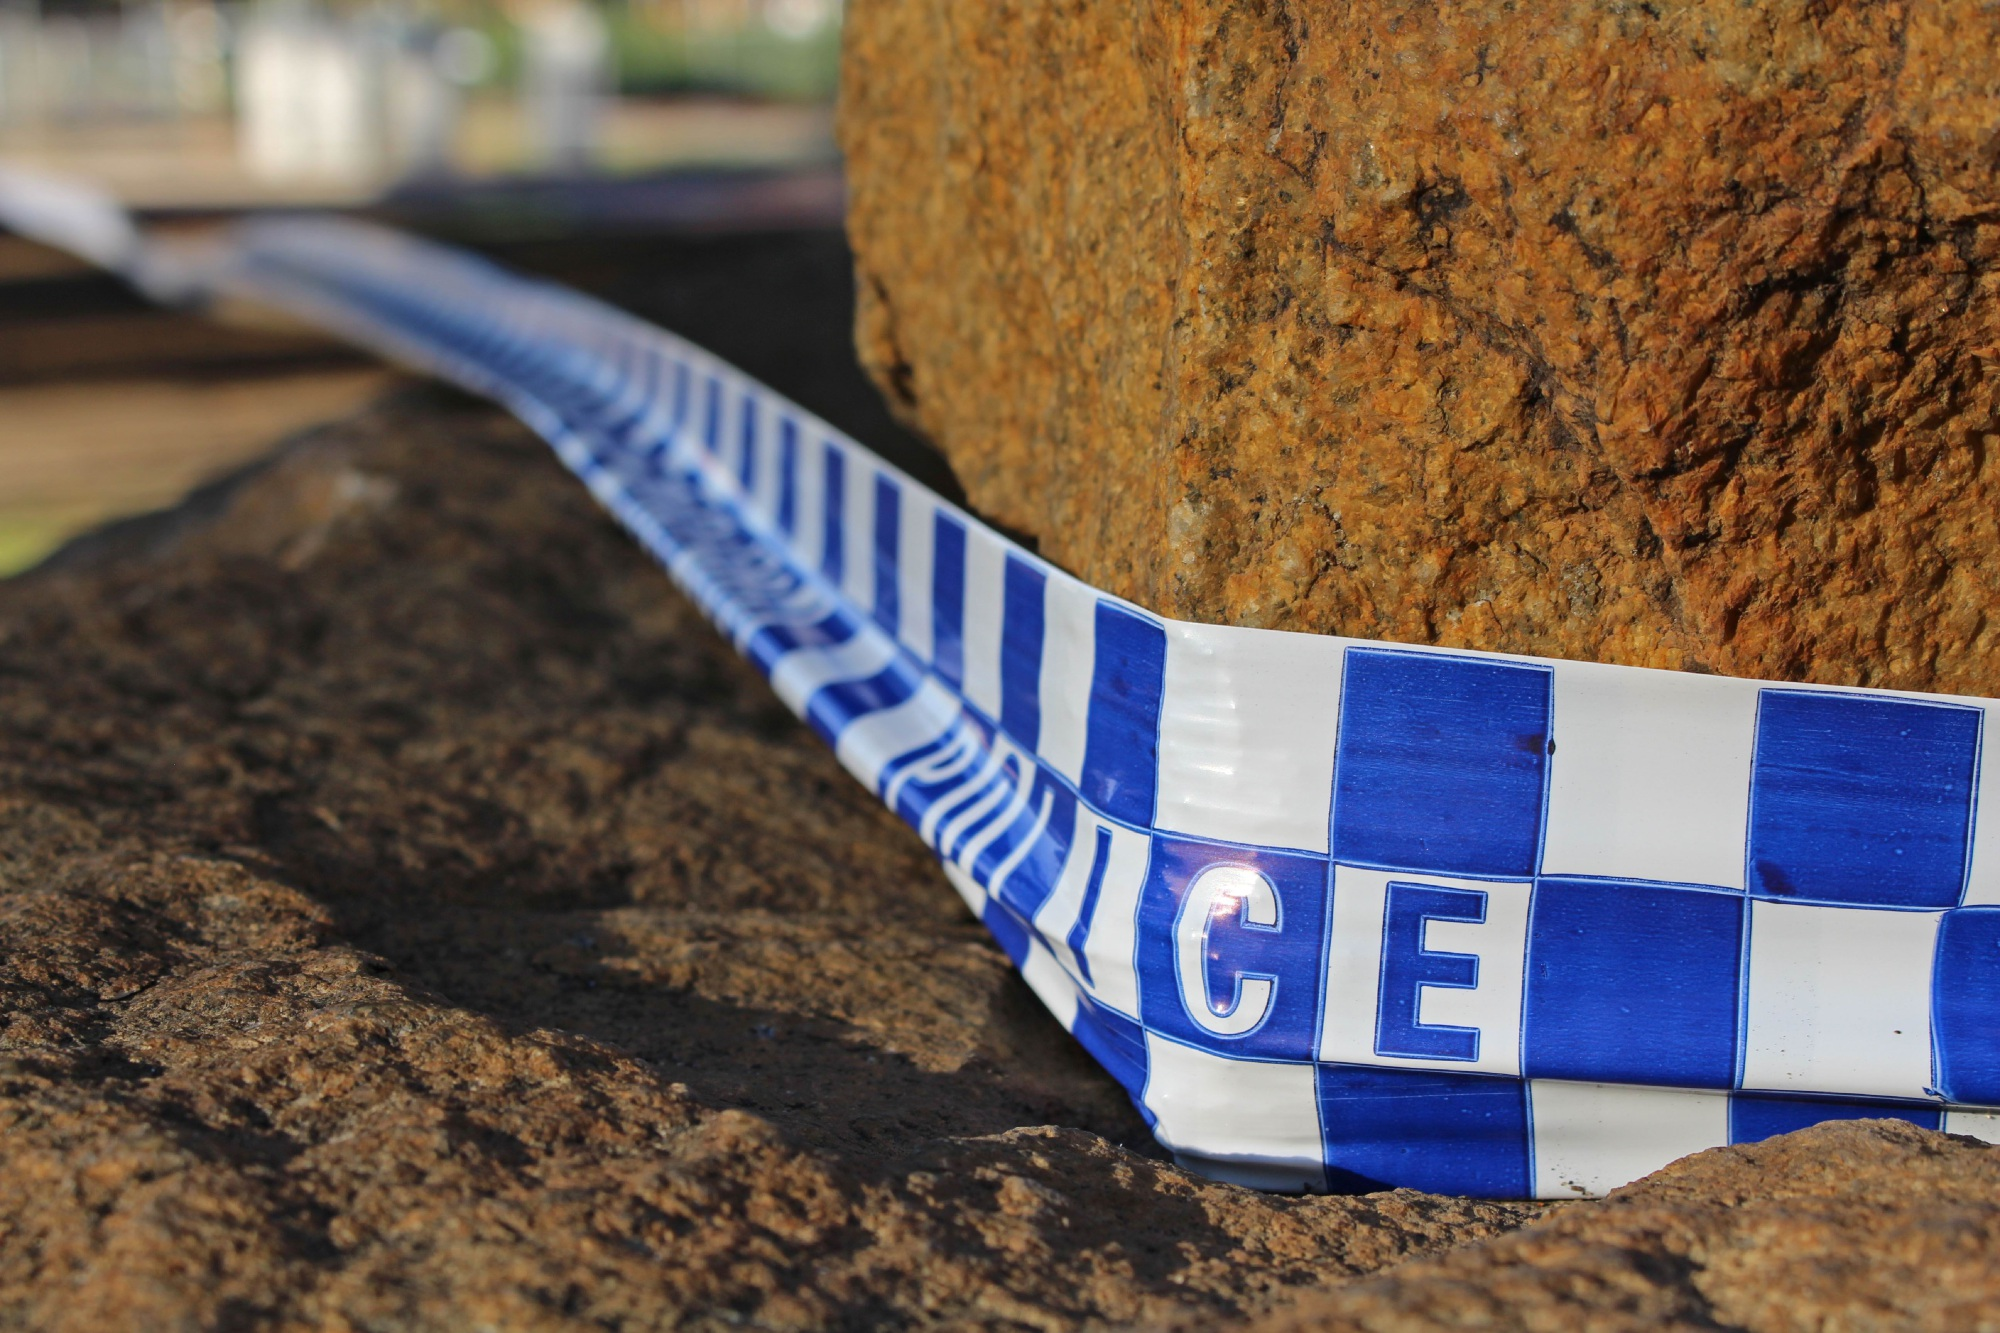 Wundowie fatal truck crash: man killed in fiery wreck